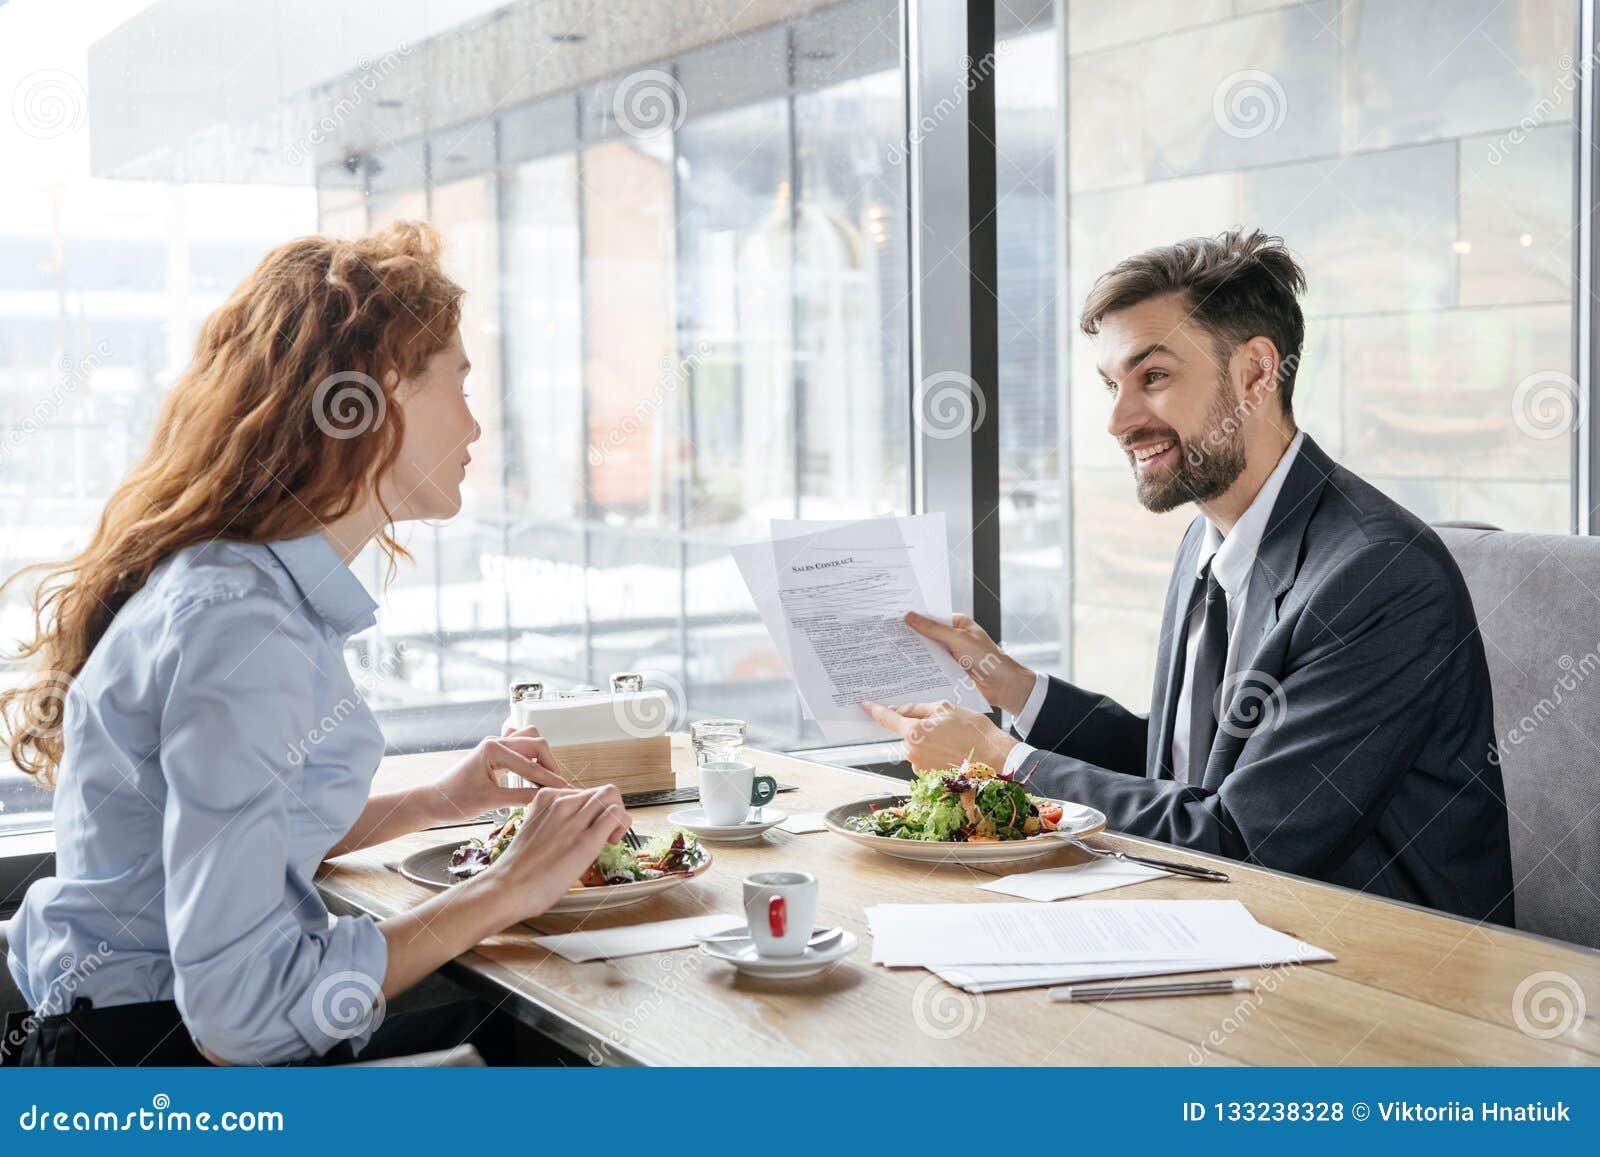 Предприниматели имея бизнес-ланч на ресторане сидя около окна есть салат обсуждая проект жизнерадостный